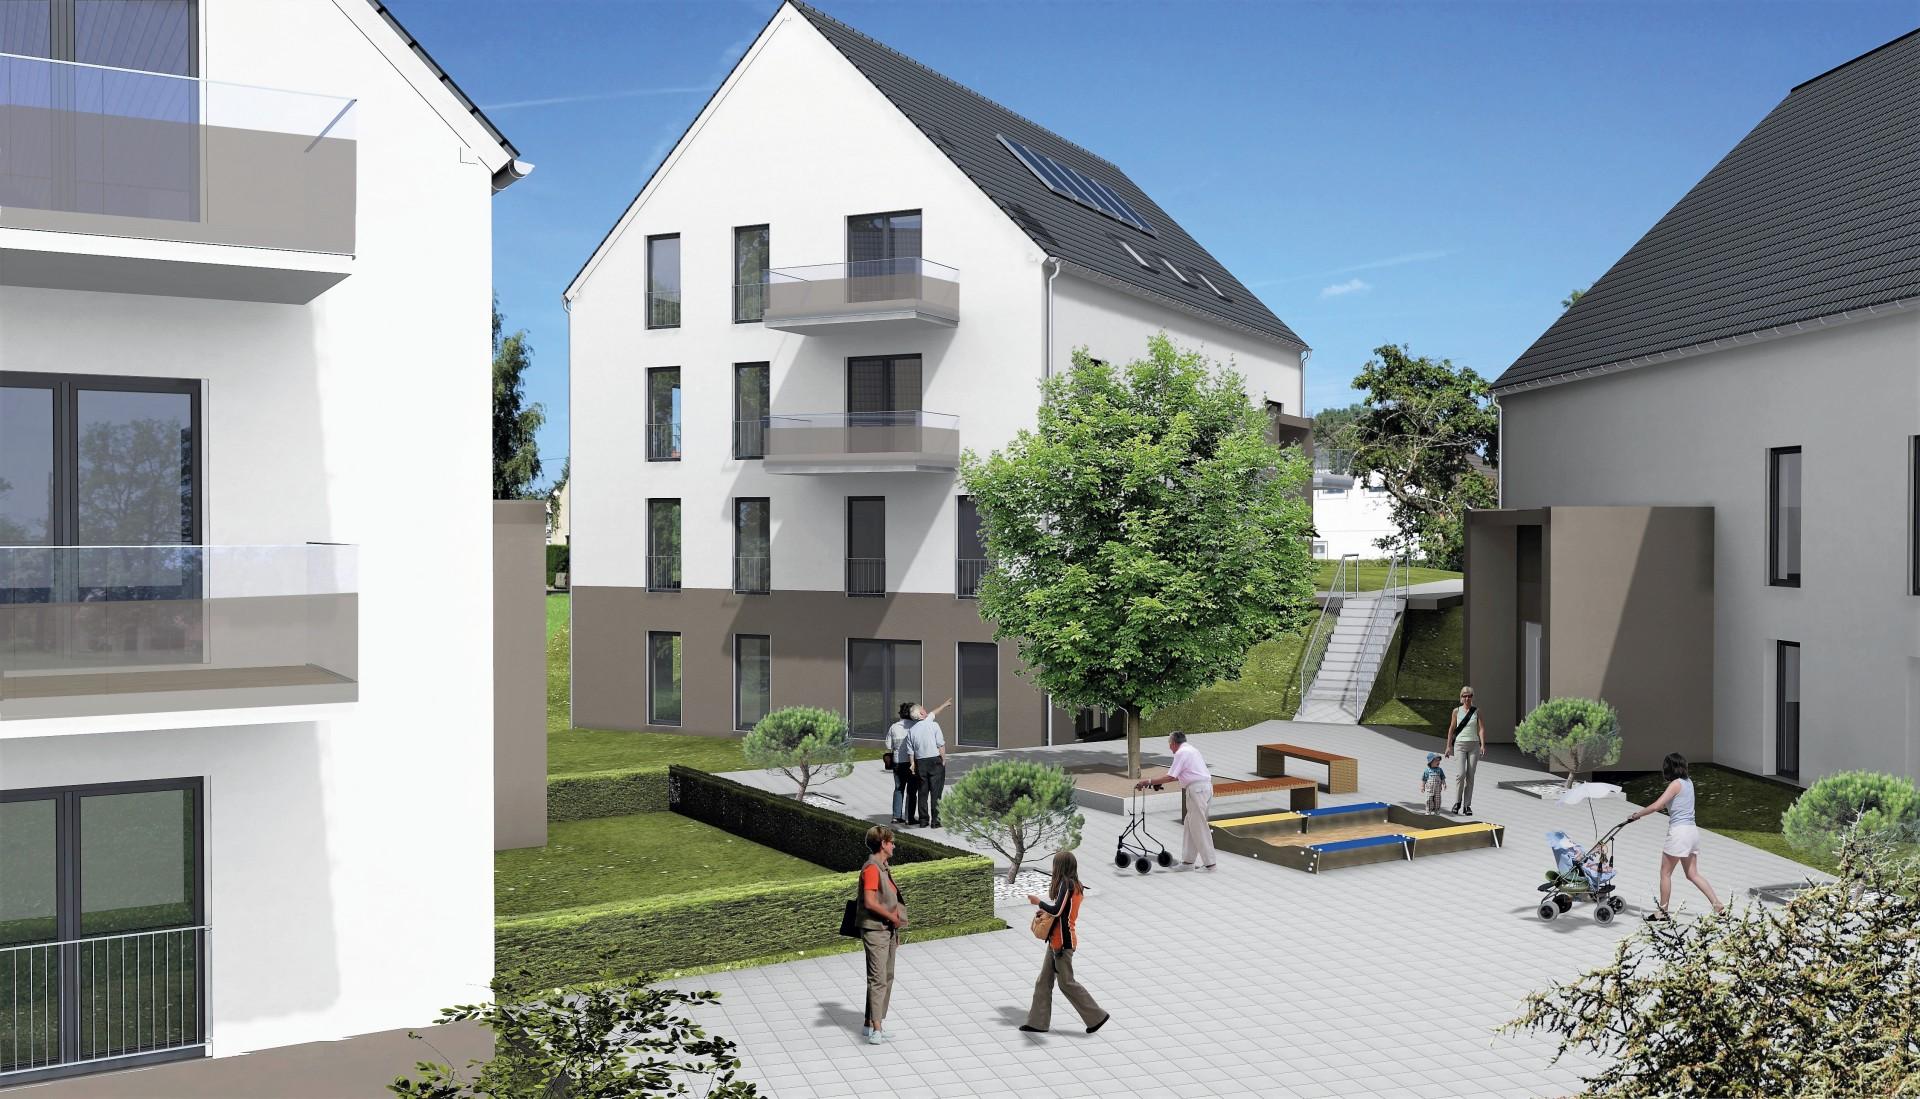 Single-Wohnung Arnsberg Neheim-Hüsten, Wohnungen für Singles bei blogger.com